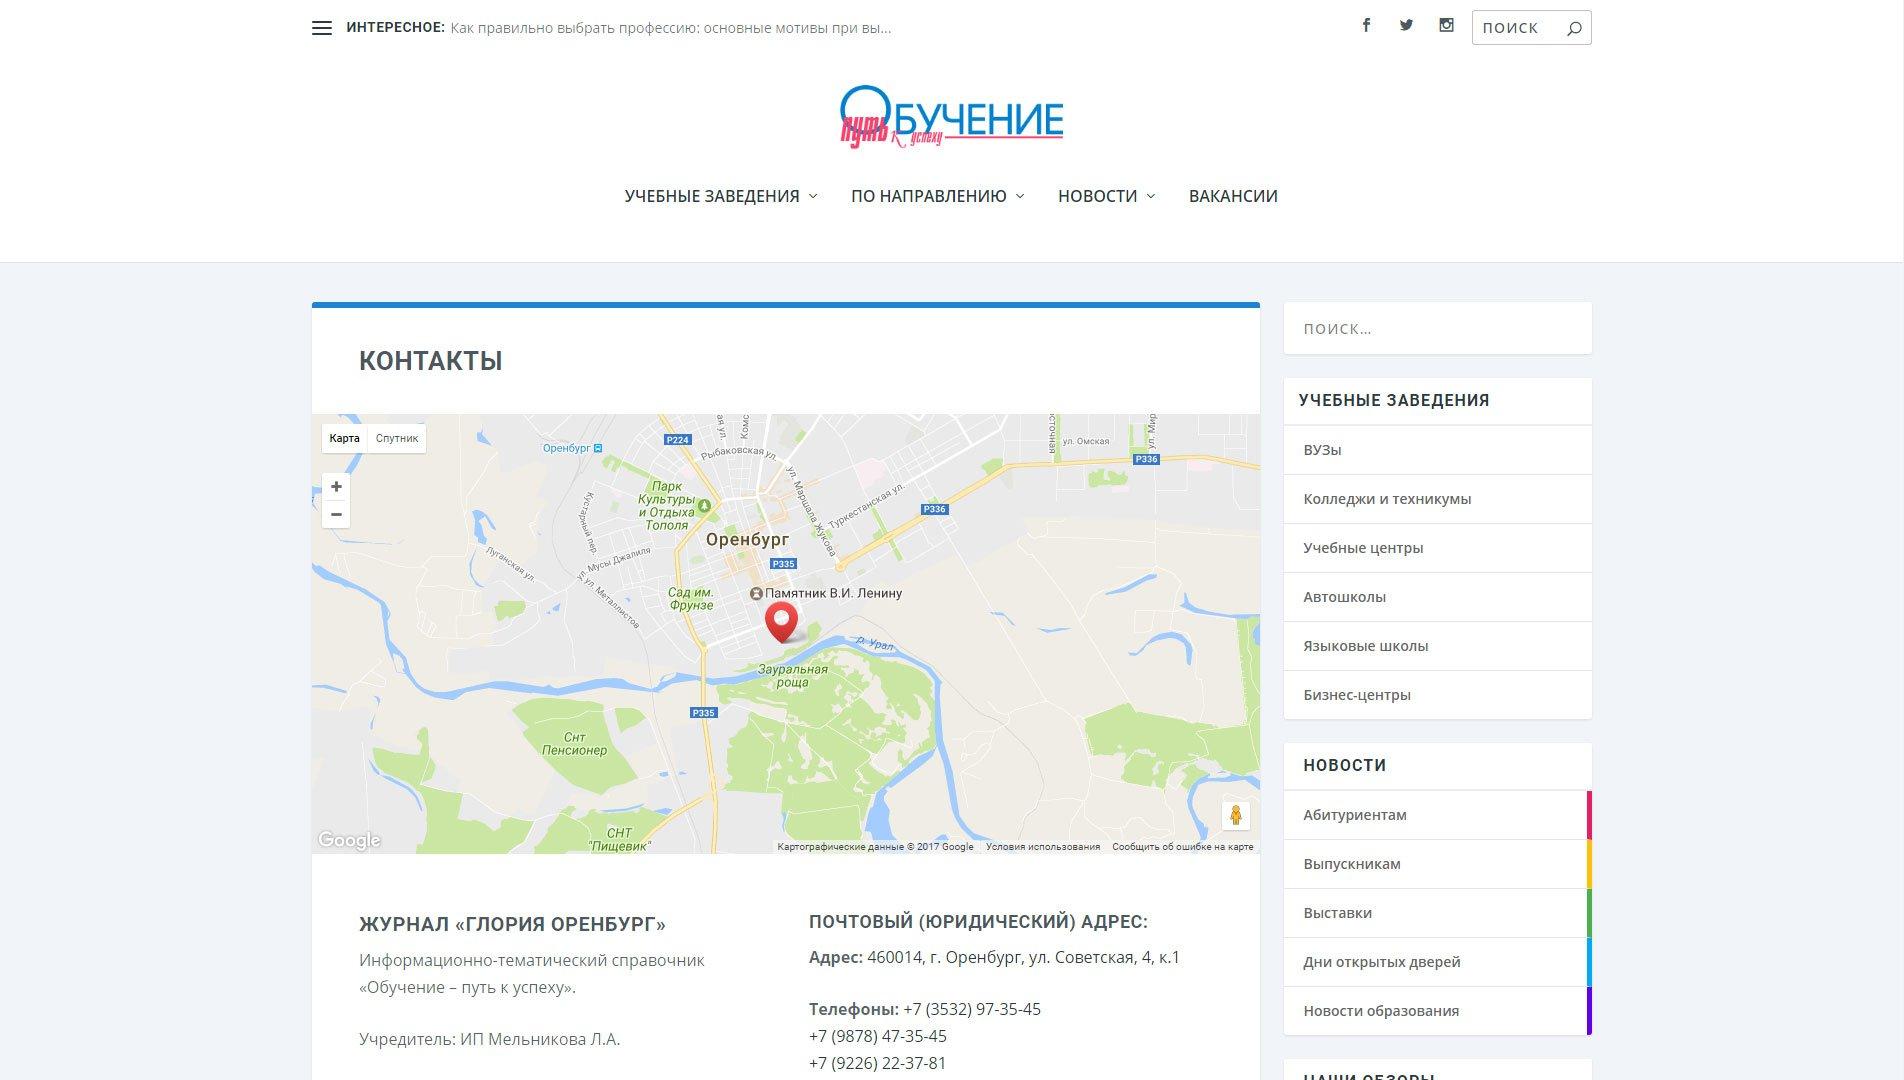 Создание сайта Obuchenie56.ru - Образовательный портал в Оренбурге (14)